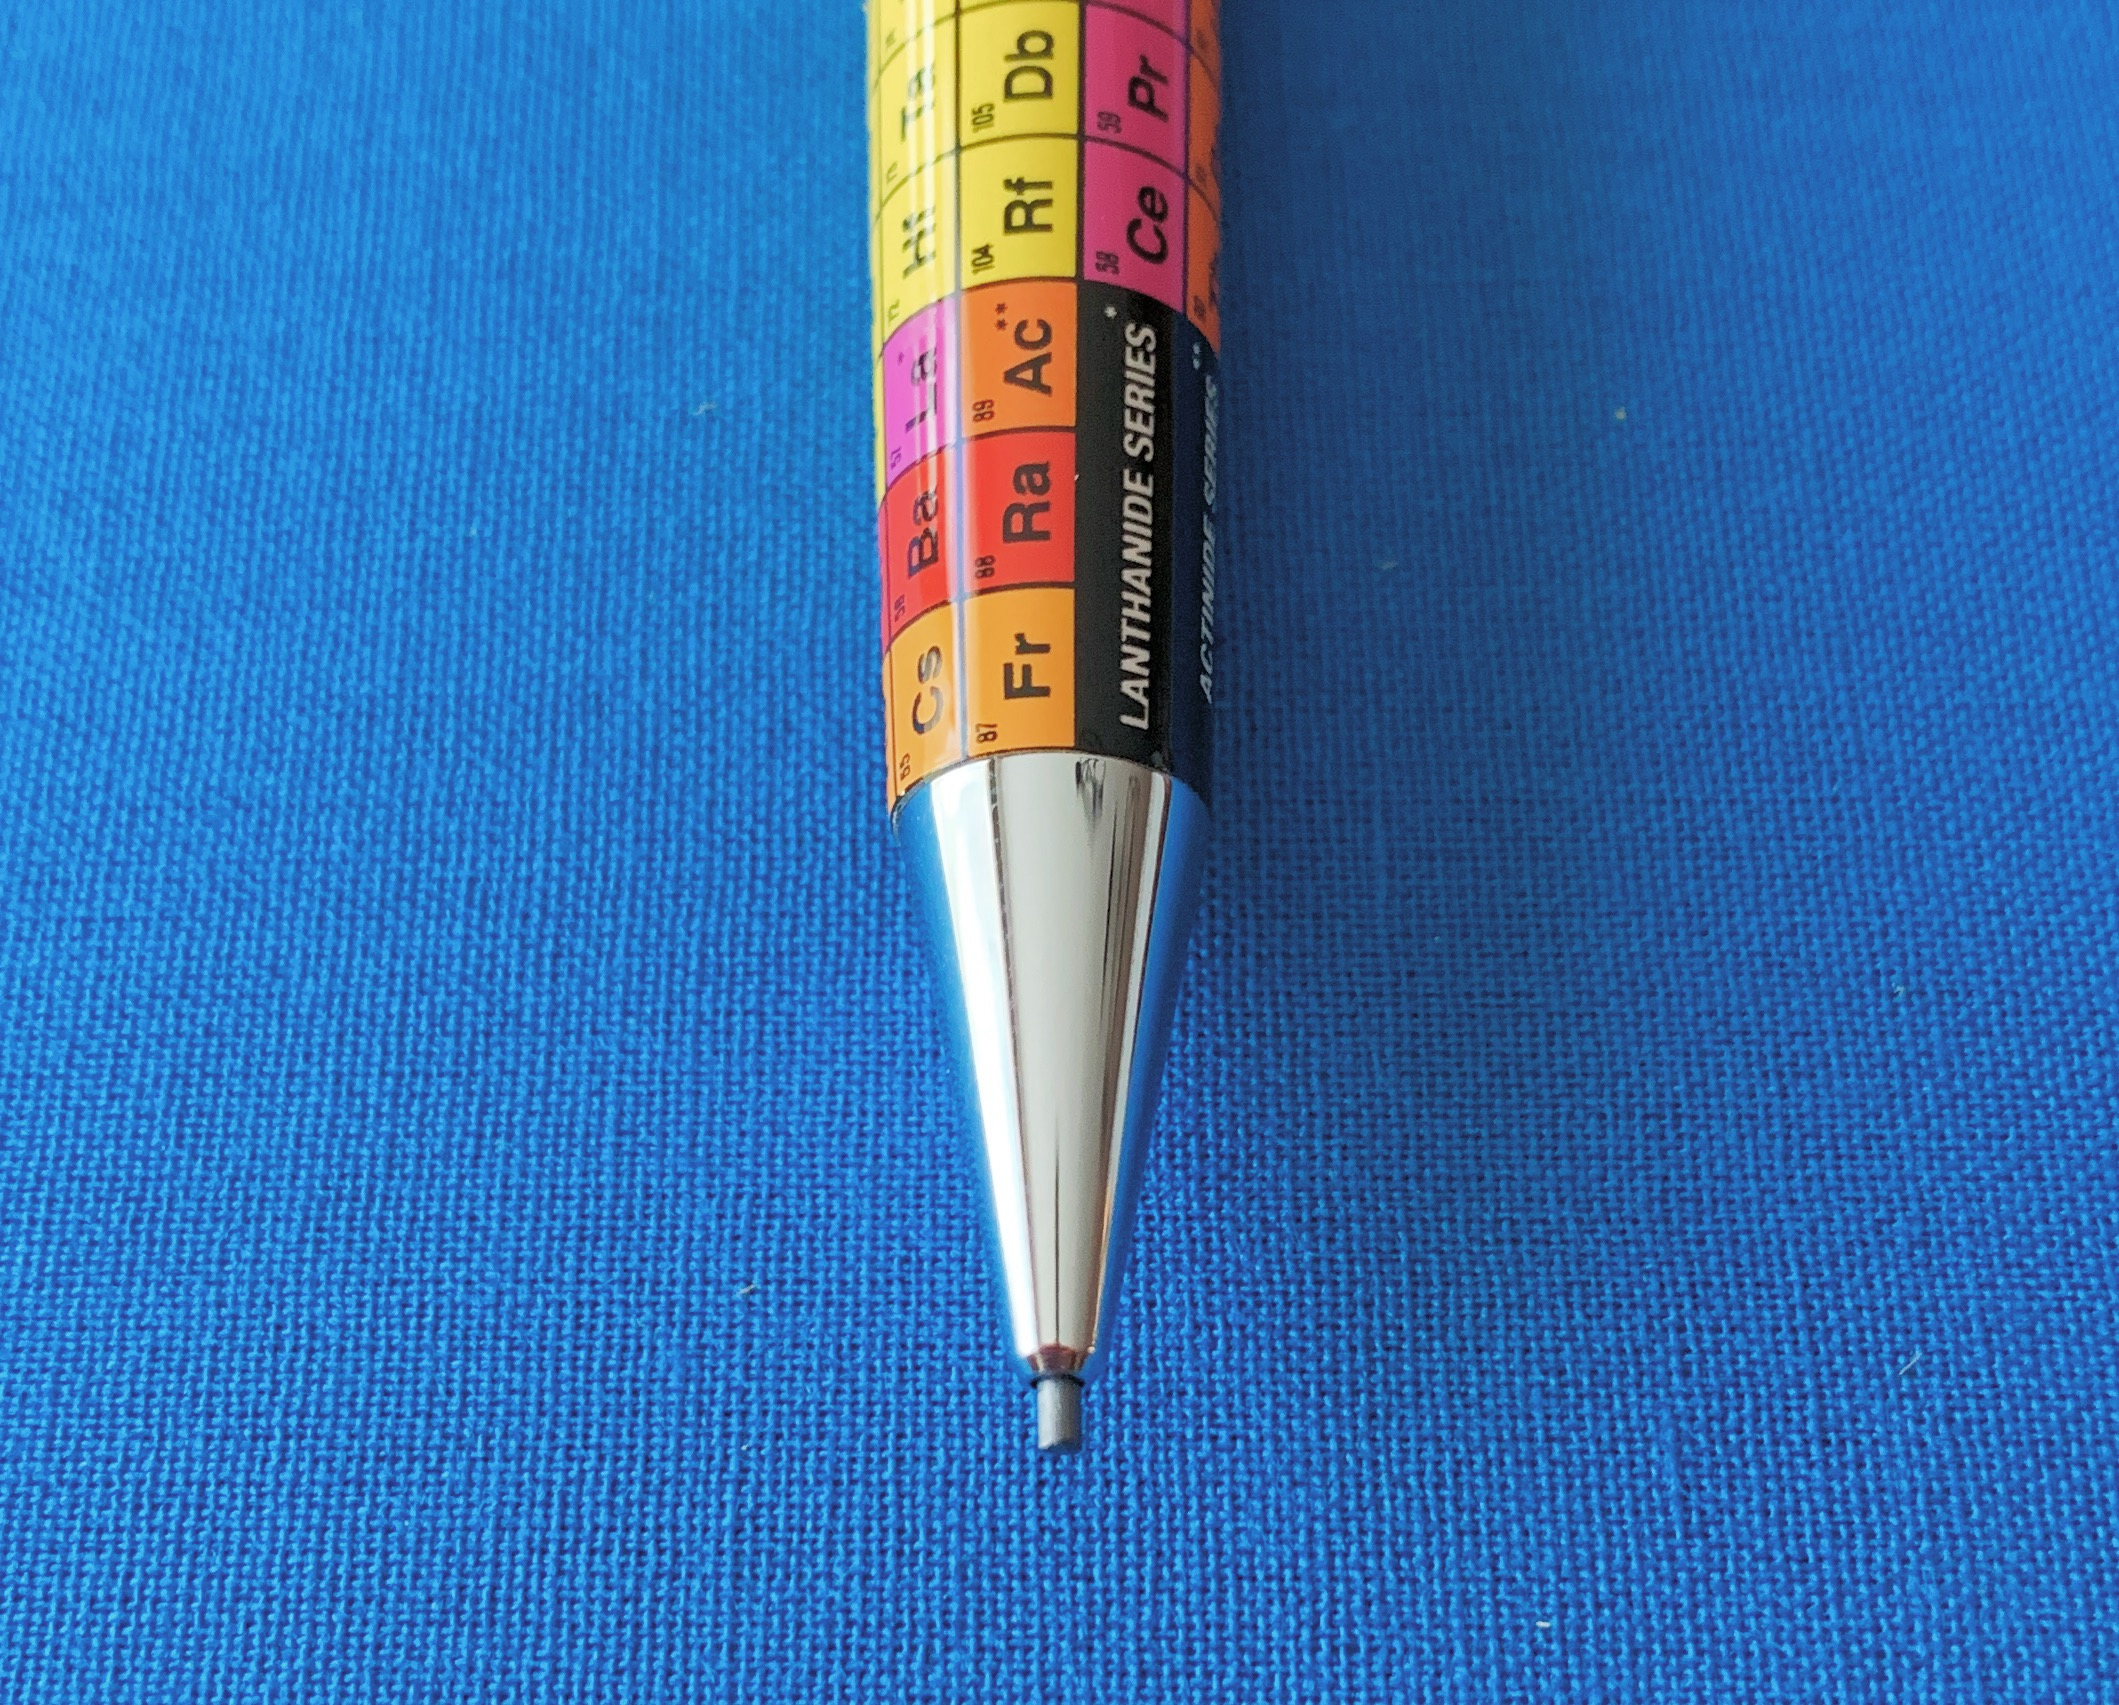 Retro 51 Tornado Mechanical Pencil 1.15 mm